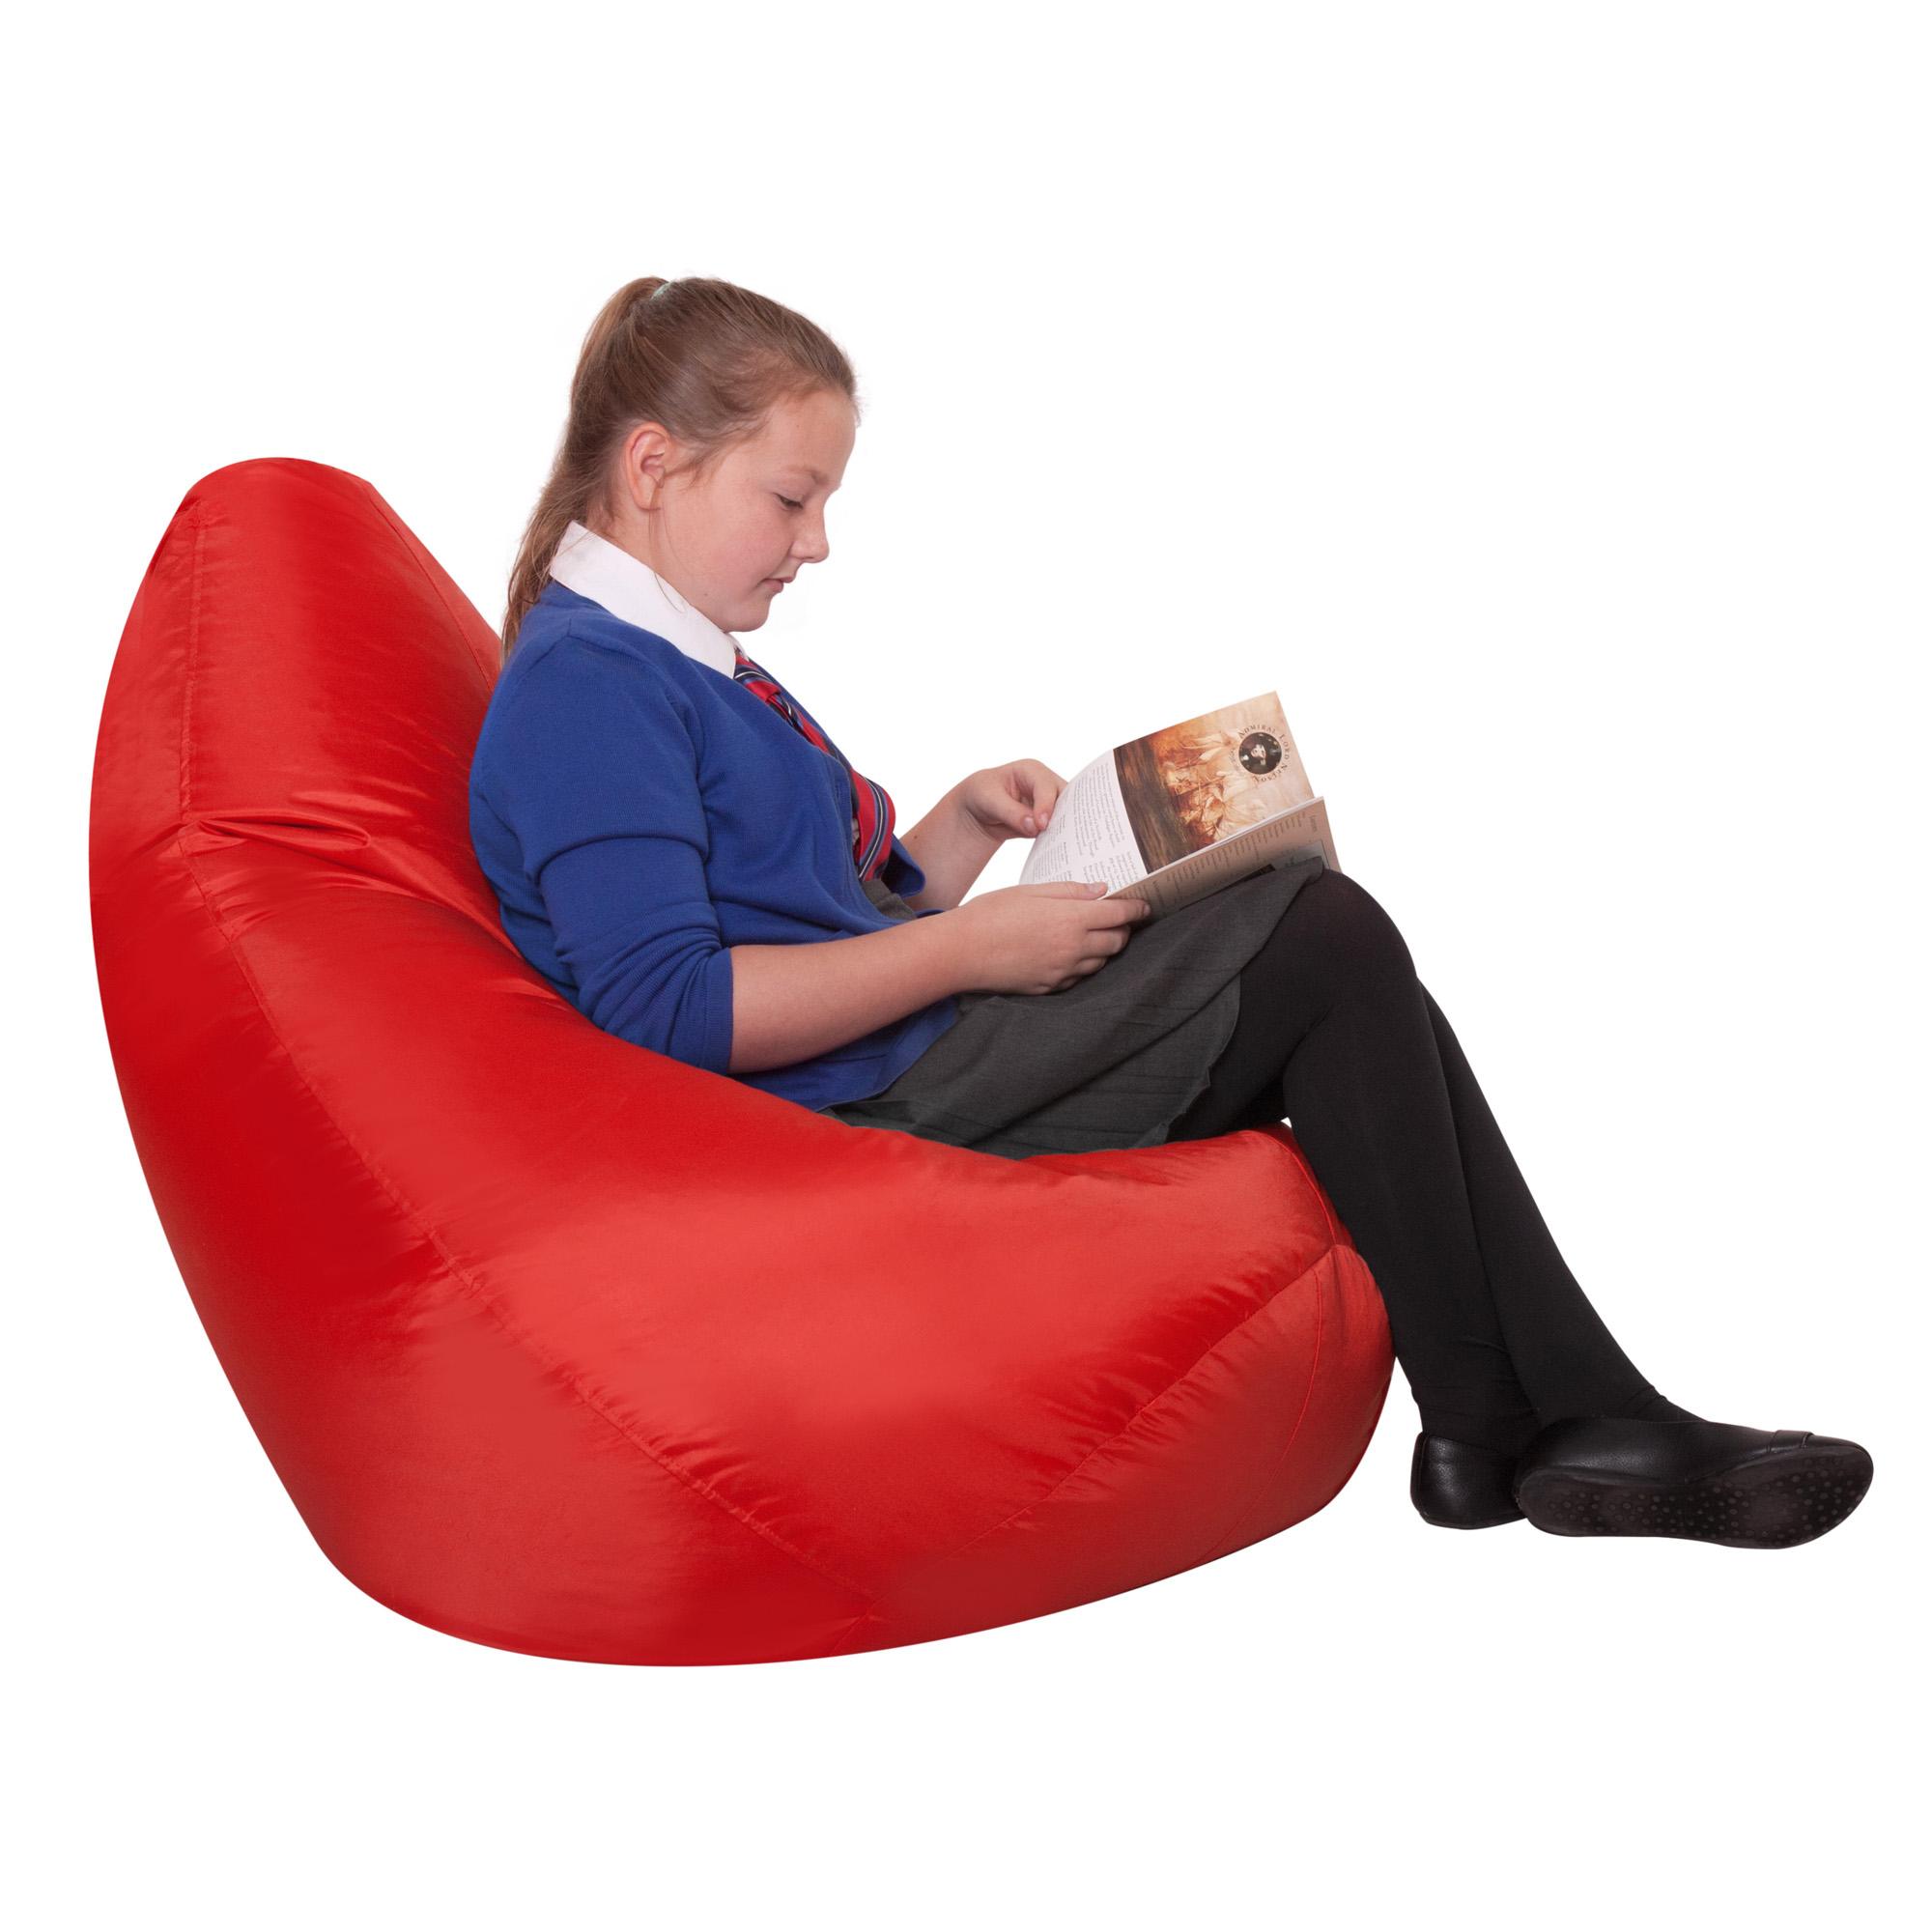 Eden-Large-Reading-Pod-OD-red-300dpi-1